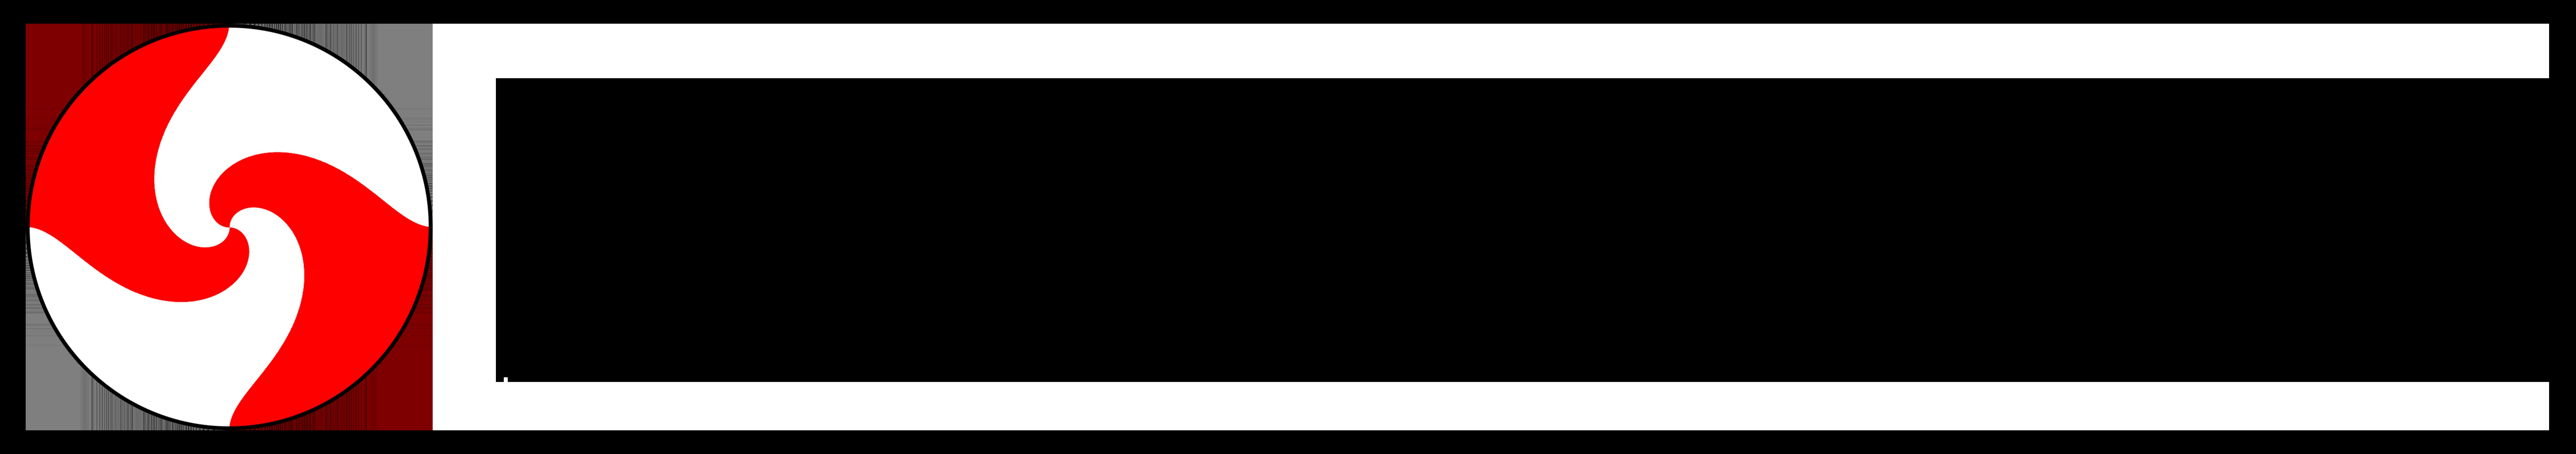 Exciscope-logo